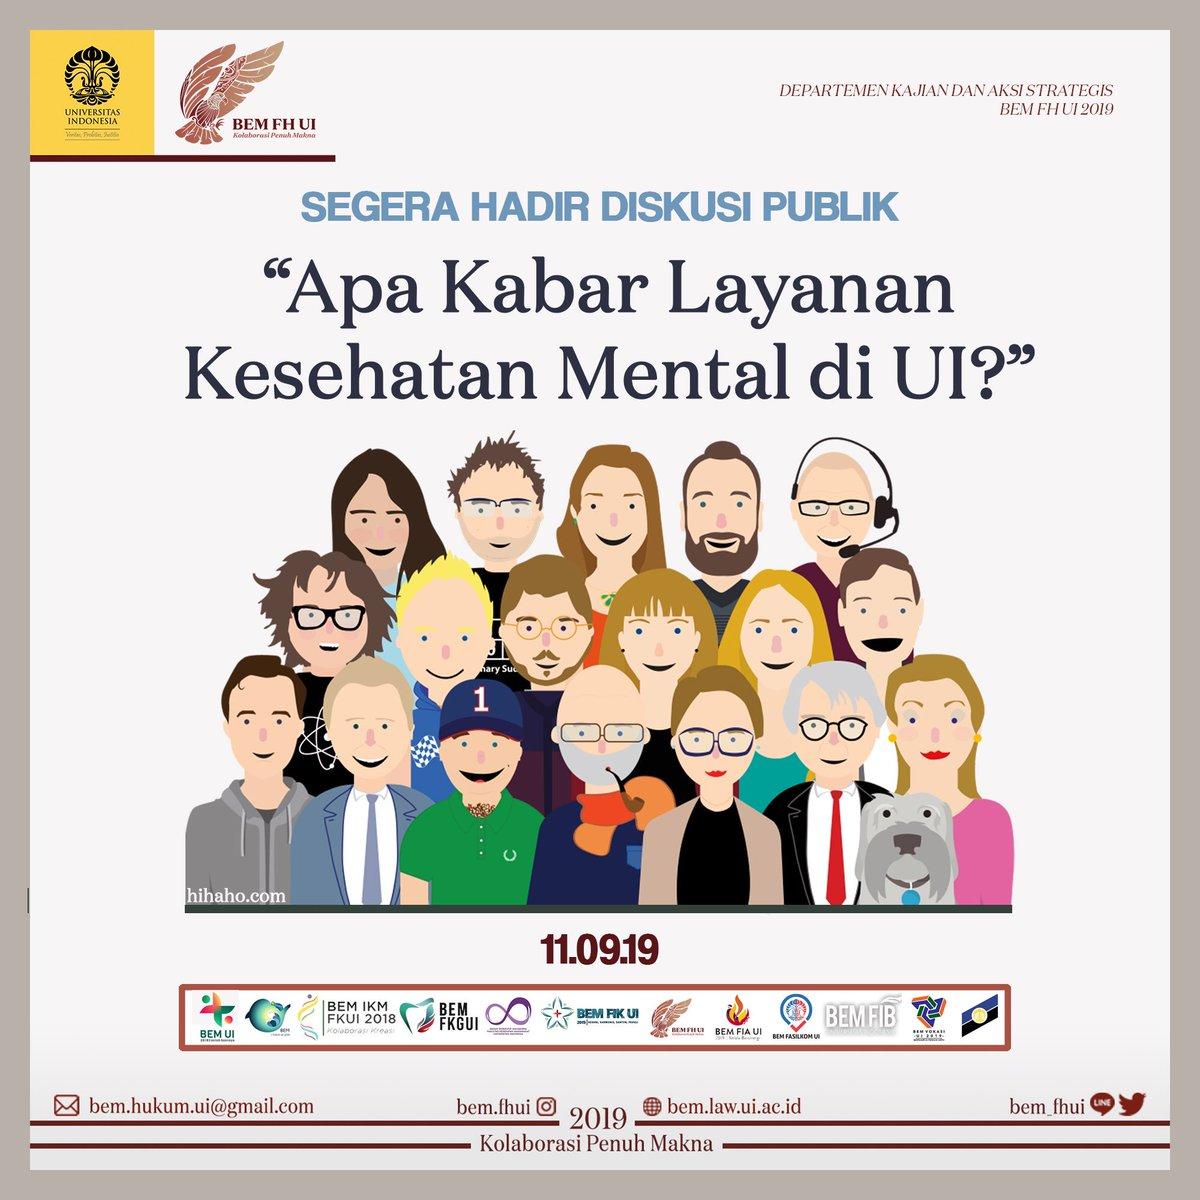 Bem Fh Ui 2020 On Twitter Apa Kabar Layanan Kesehatan Mental Di Ui Selamat Hari Kesehatan Mental Sedunia Bertepatan Dengan Hari Kesehatan Mental Sedunia Aliansi Isu Kesehatan Mental Akan Mengadakan Diskusi Publik